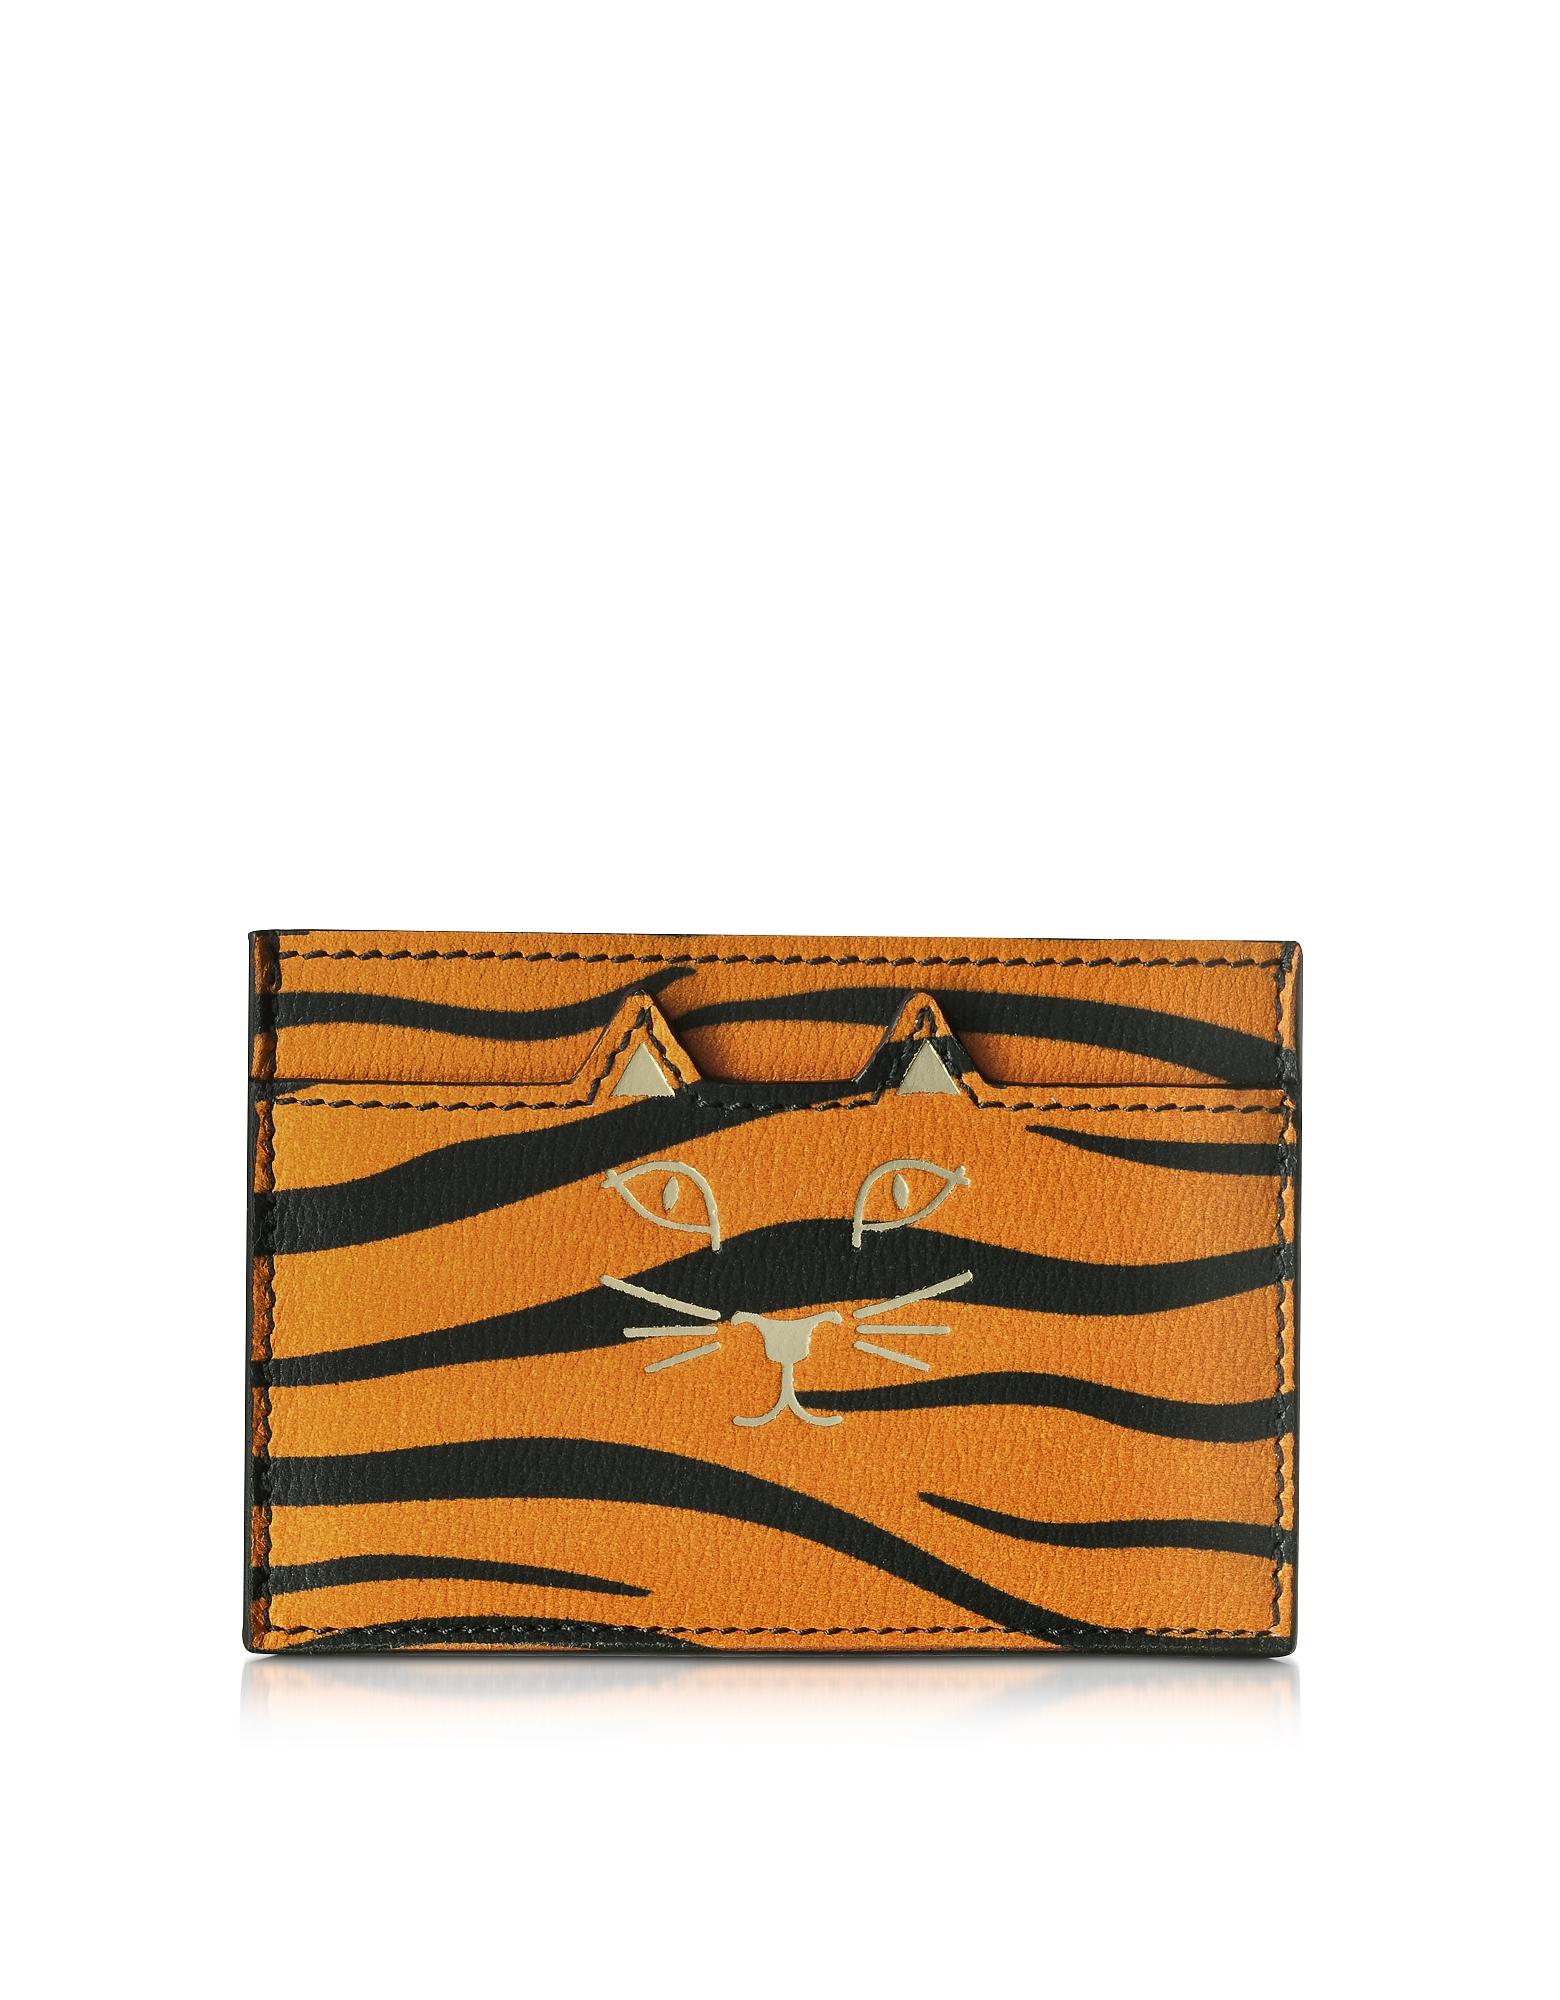 Feline - Оранжевый Кожаный Бумажник для Карточек с Тигровым Принтом